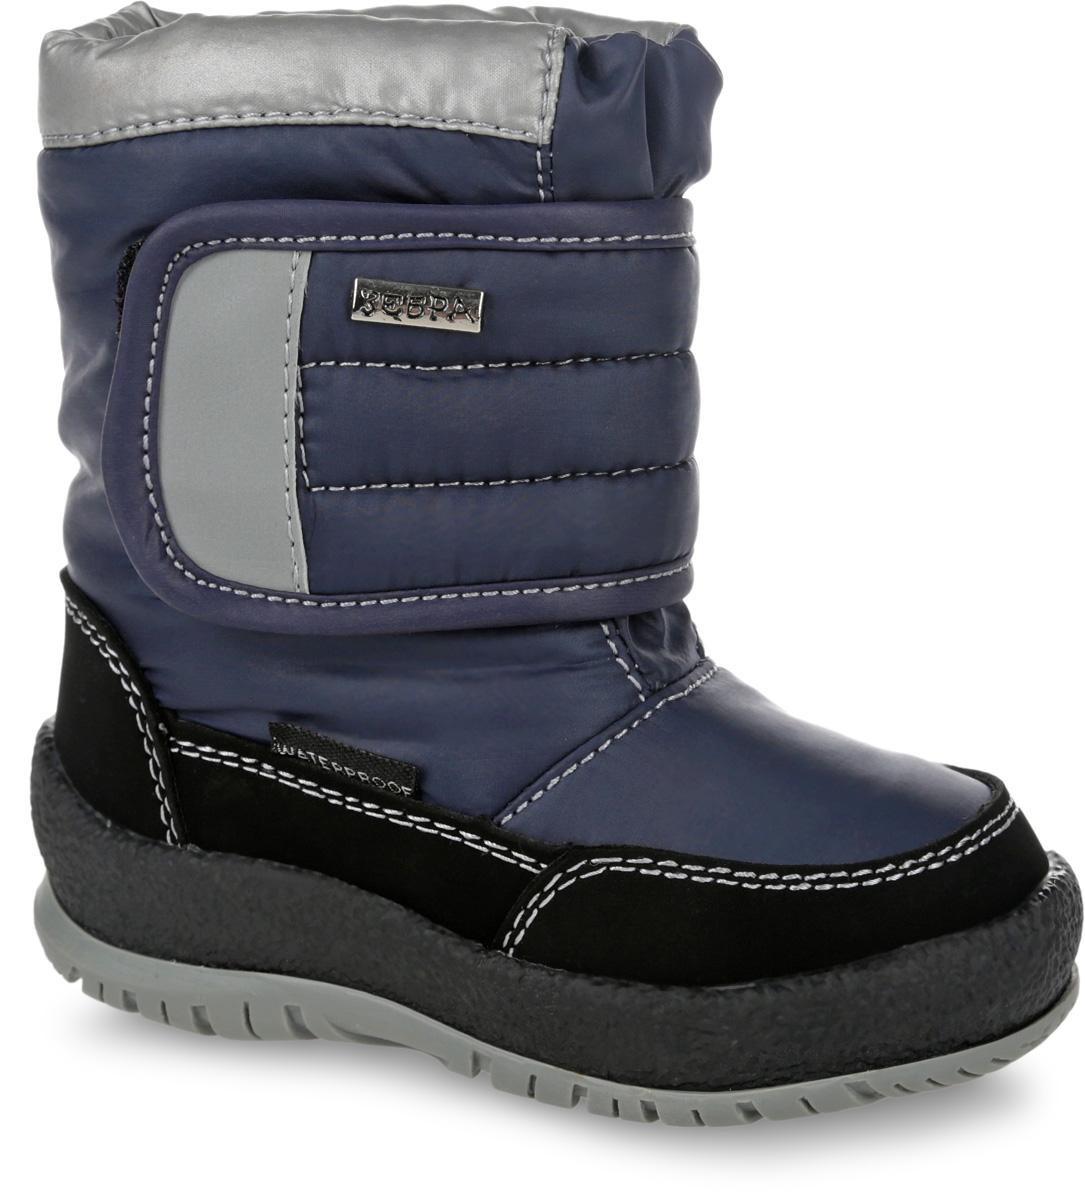 11011-1Полусапоги от Зебра выполнены из искусственной кожи и текстиля. Застежка-липучка надежно фиксируют изделие на ноге. Мягкая подкладка и стелька из шерсти обеспечивают тепло, циркуляцию воздуха и сохраняют комфортный микроклимат в обуви. Подошва оснащена рифлением.